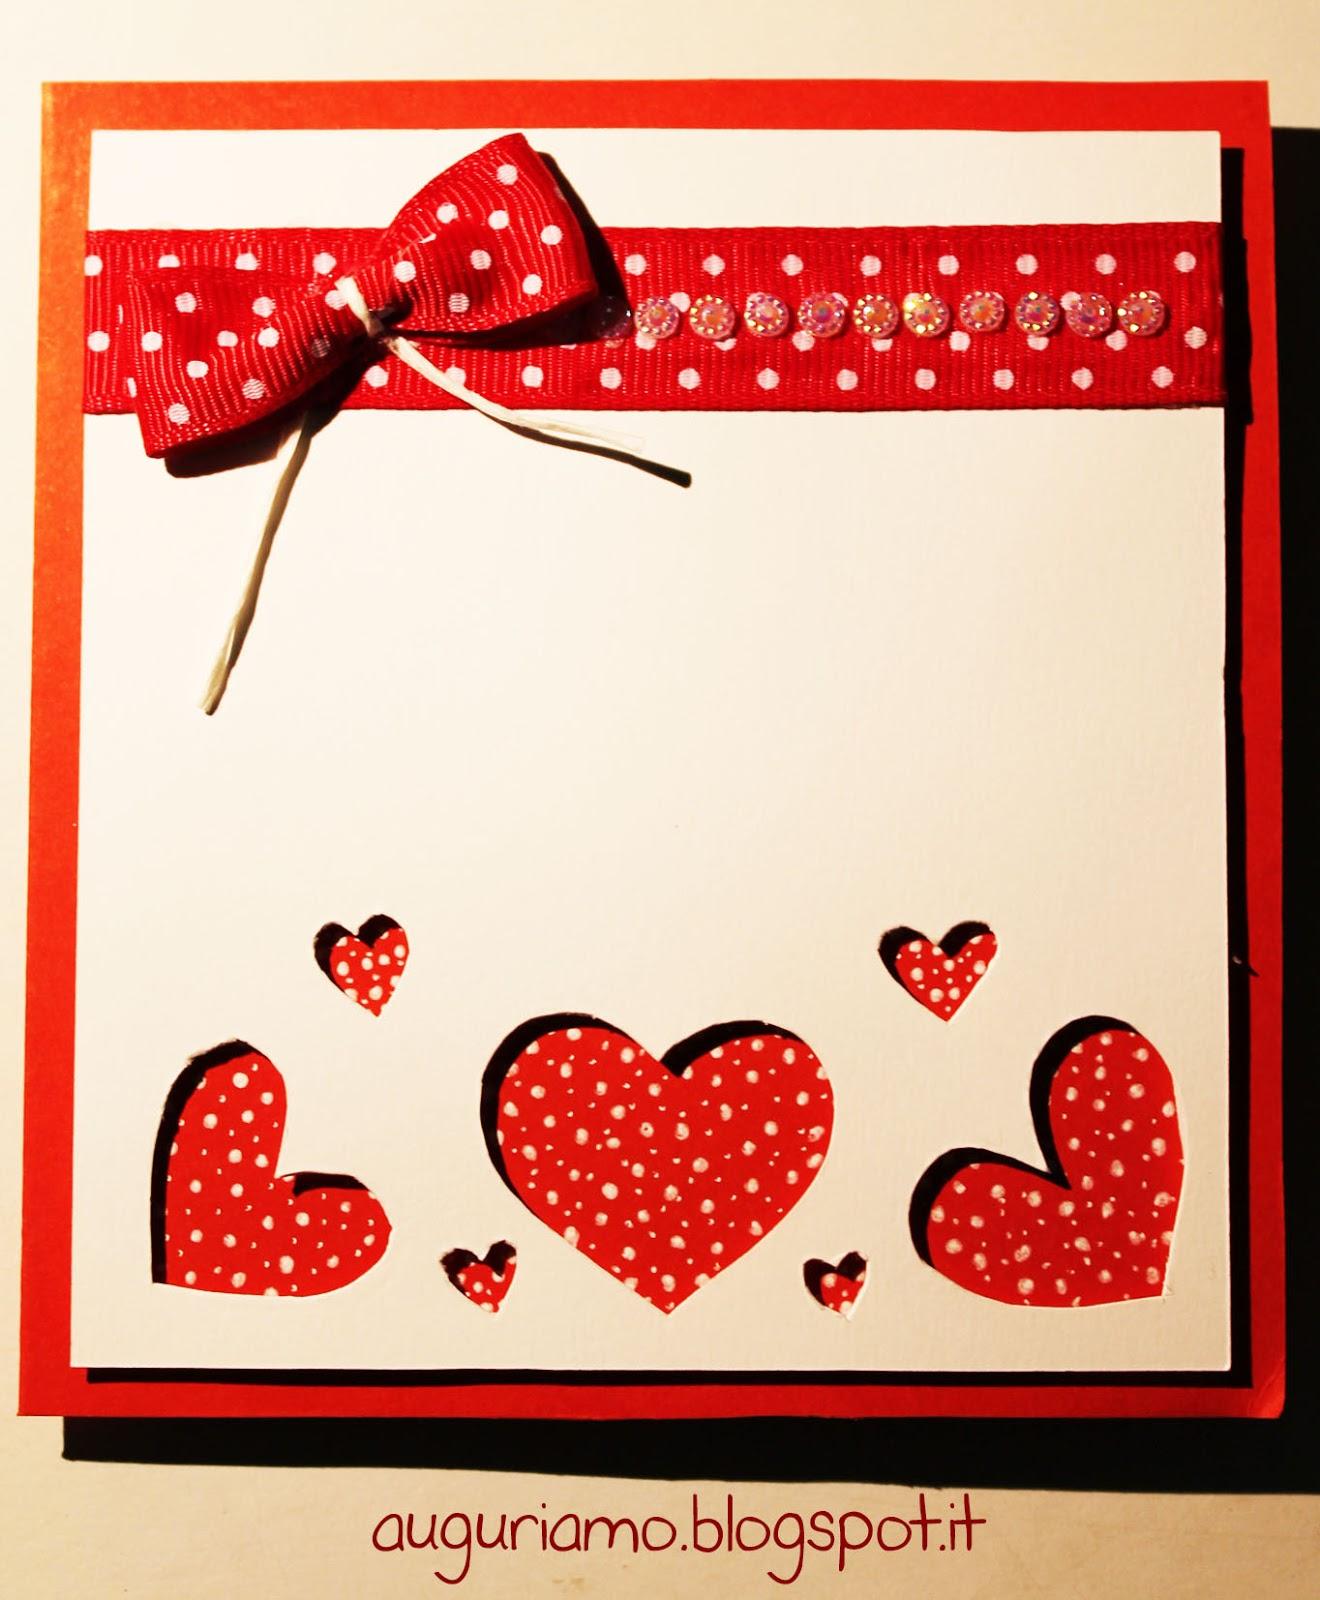 Popolare Auguriamo!: Biglietto anniversario matrimonio in rosso. AP63